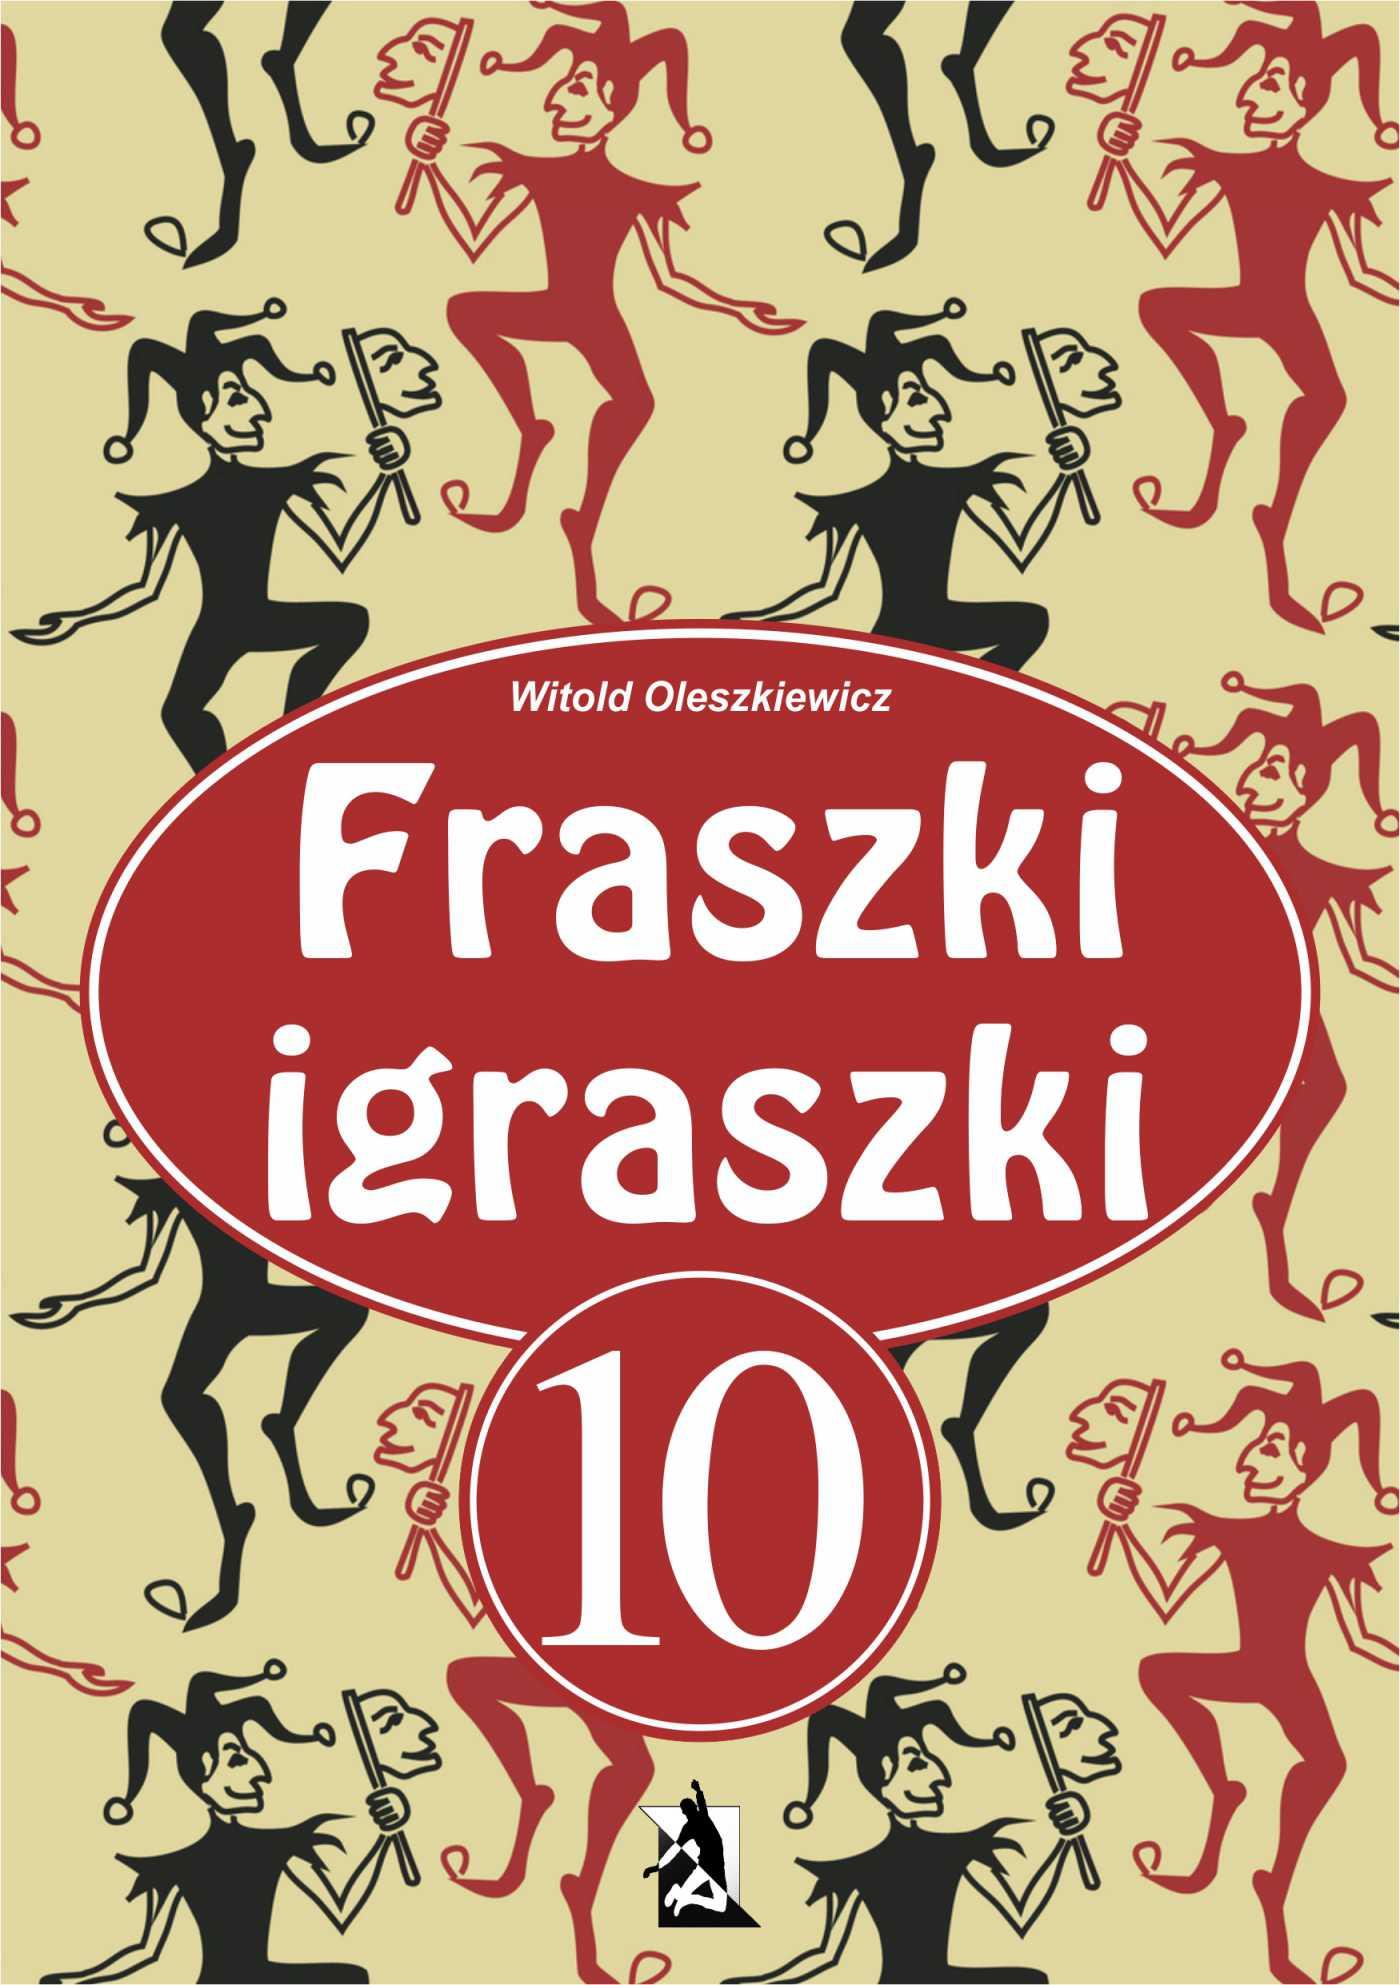 Fraszki igraszki część 10 - Ebook (Książka na Kindle) do pobrania w formacie MOBI